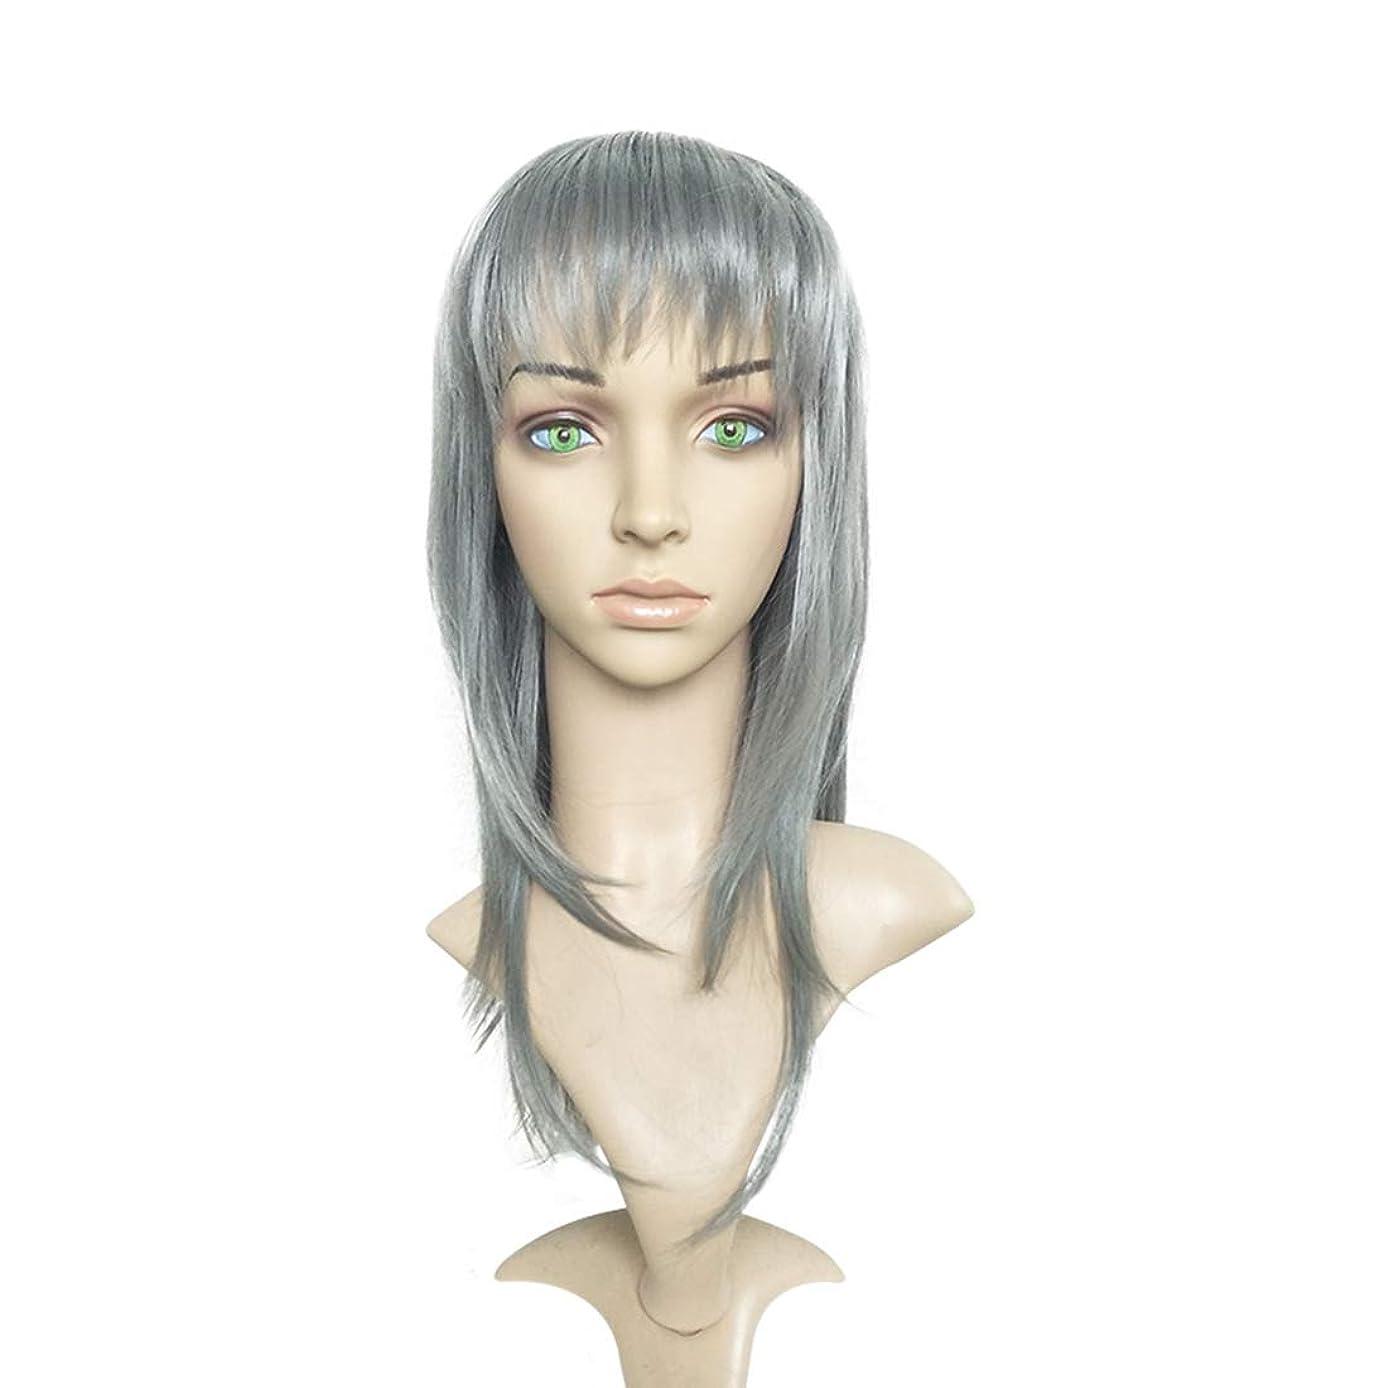 Koloeplf ヨーロッパとアメリカのパーティーウィッグシルバーグレーブロークンバングストレートヘアウィッグ (Color : Silver gray)